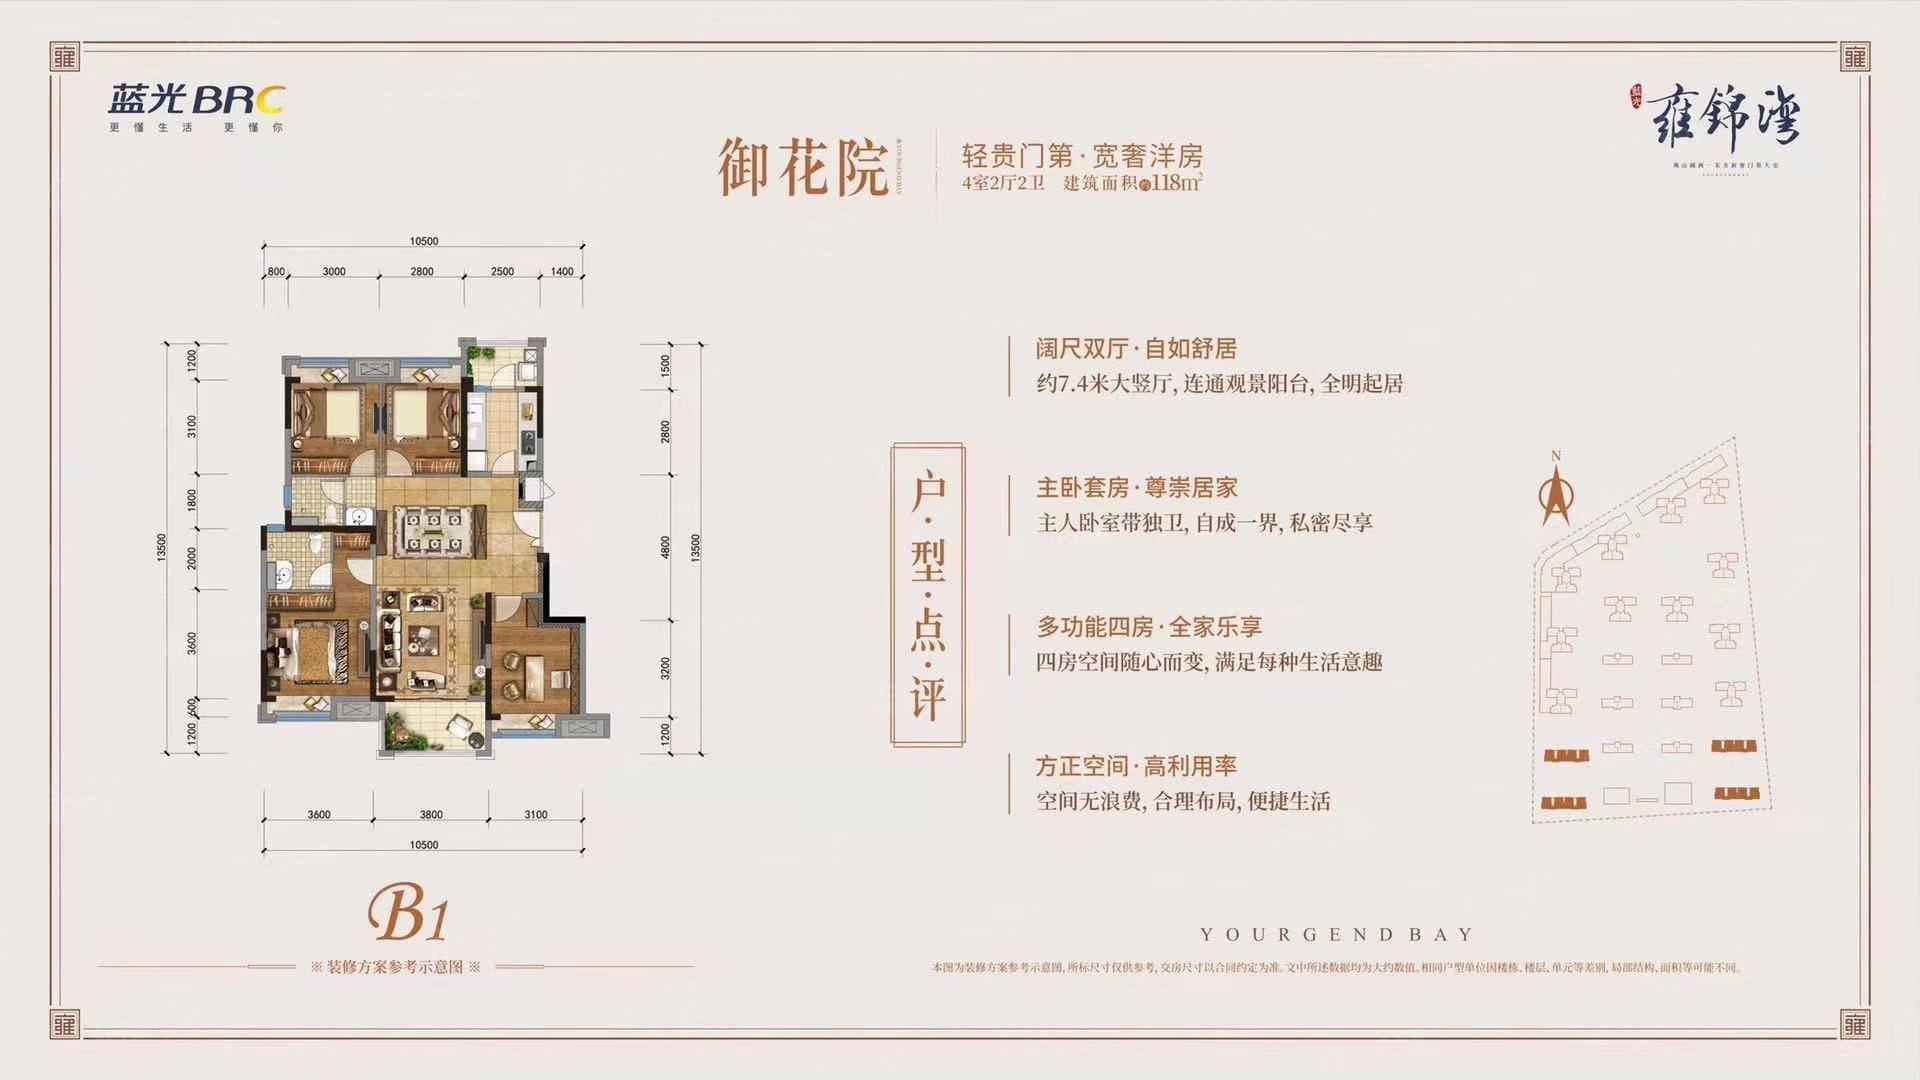 蓝光·雍锦湾4室2厅2卫户型图